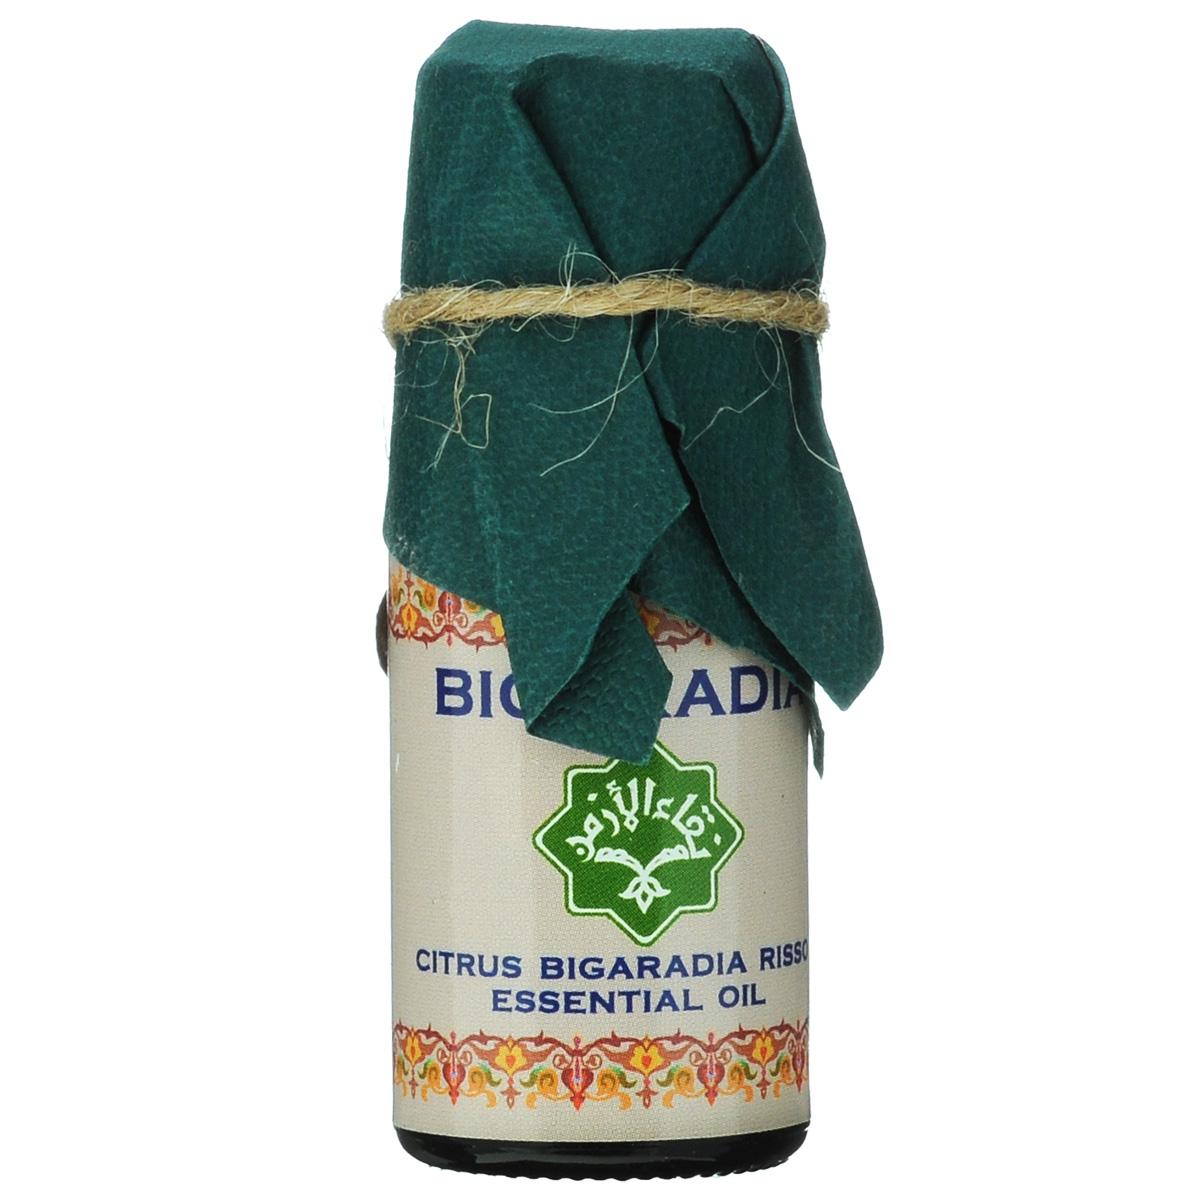 Зейтун Эфирное масло Бигарадия, 10 млZ3606Абсолютно чистое, 100% натуральное эфирное масло Бигардии, произведенное в соответствии со стандартом европейской фармакопеи; по своим качествам и свойствам значительно превосходит дешевые аналоги. Применение в ароматерапии: Этот аромат эфирного масла бигаридии— хорошее средство против депрессии, стимулирует тело, освежает восприятие, помогает избавиться от безысходности и равнодушия, создает романтическое настроение, помогает ощутить вкус жизни. Косметические свойства: Используется для регенерации сухой и нормальной кожи. Лечебные свойства: Эфирное масло бигаридии оказывает антисептическое, противомикробное, противоревматическое, антисклеротическое, желчегонное, антитоксическое, дезодорирующее, заживляющее, обезболивающее, антидепрессивное, противовоспалительное, антиспазматическое, возбуждающее, ветрогонное, отхаркивающее, потогонное, стимулирующее и тонизирующее действие. Эфирное масло бигаридии благотворно воздействует на кожные покровы, слизистую оболочку...